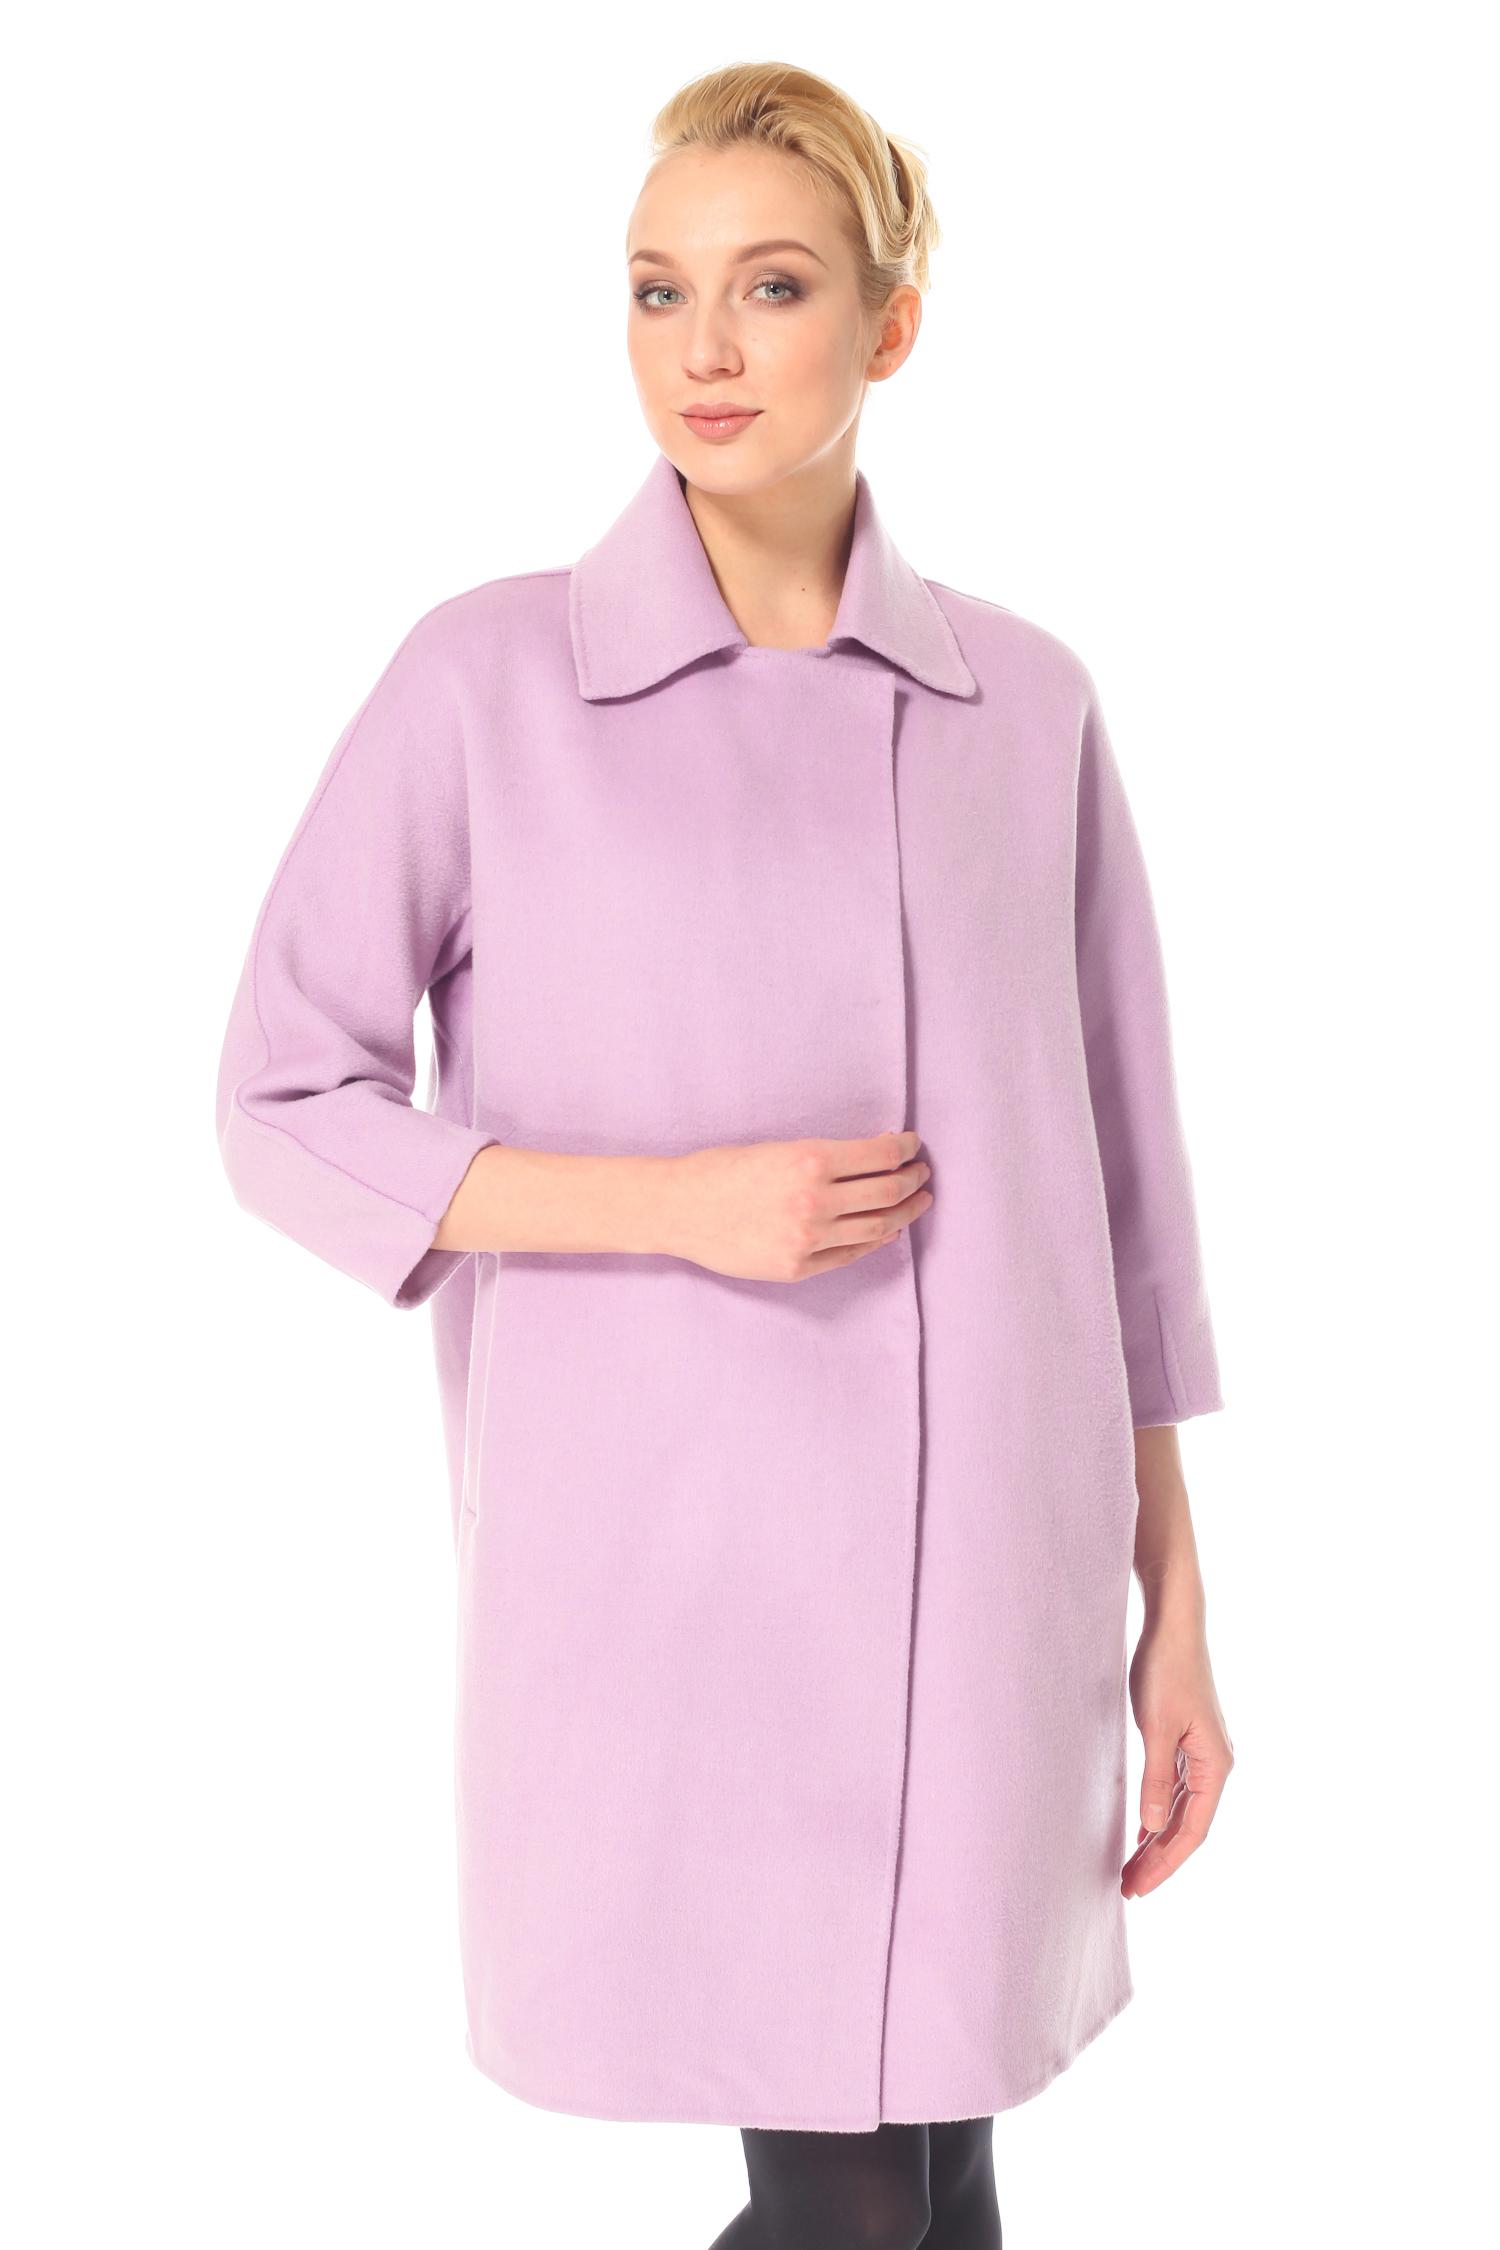 Фото 5 - Женское пальто из текстиля с воротником от МОСМЕХА цвета фуксия